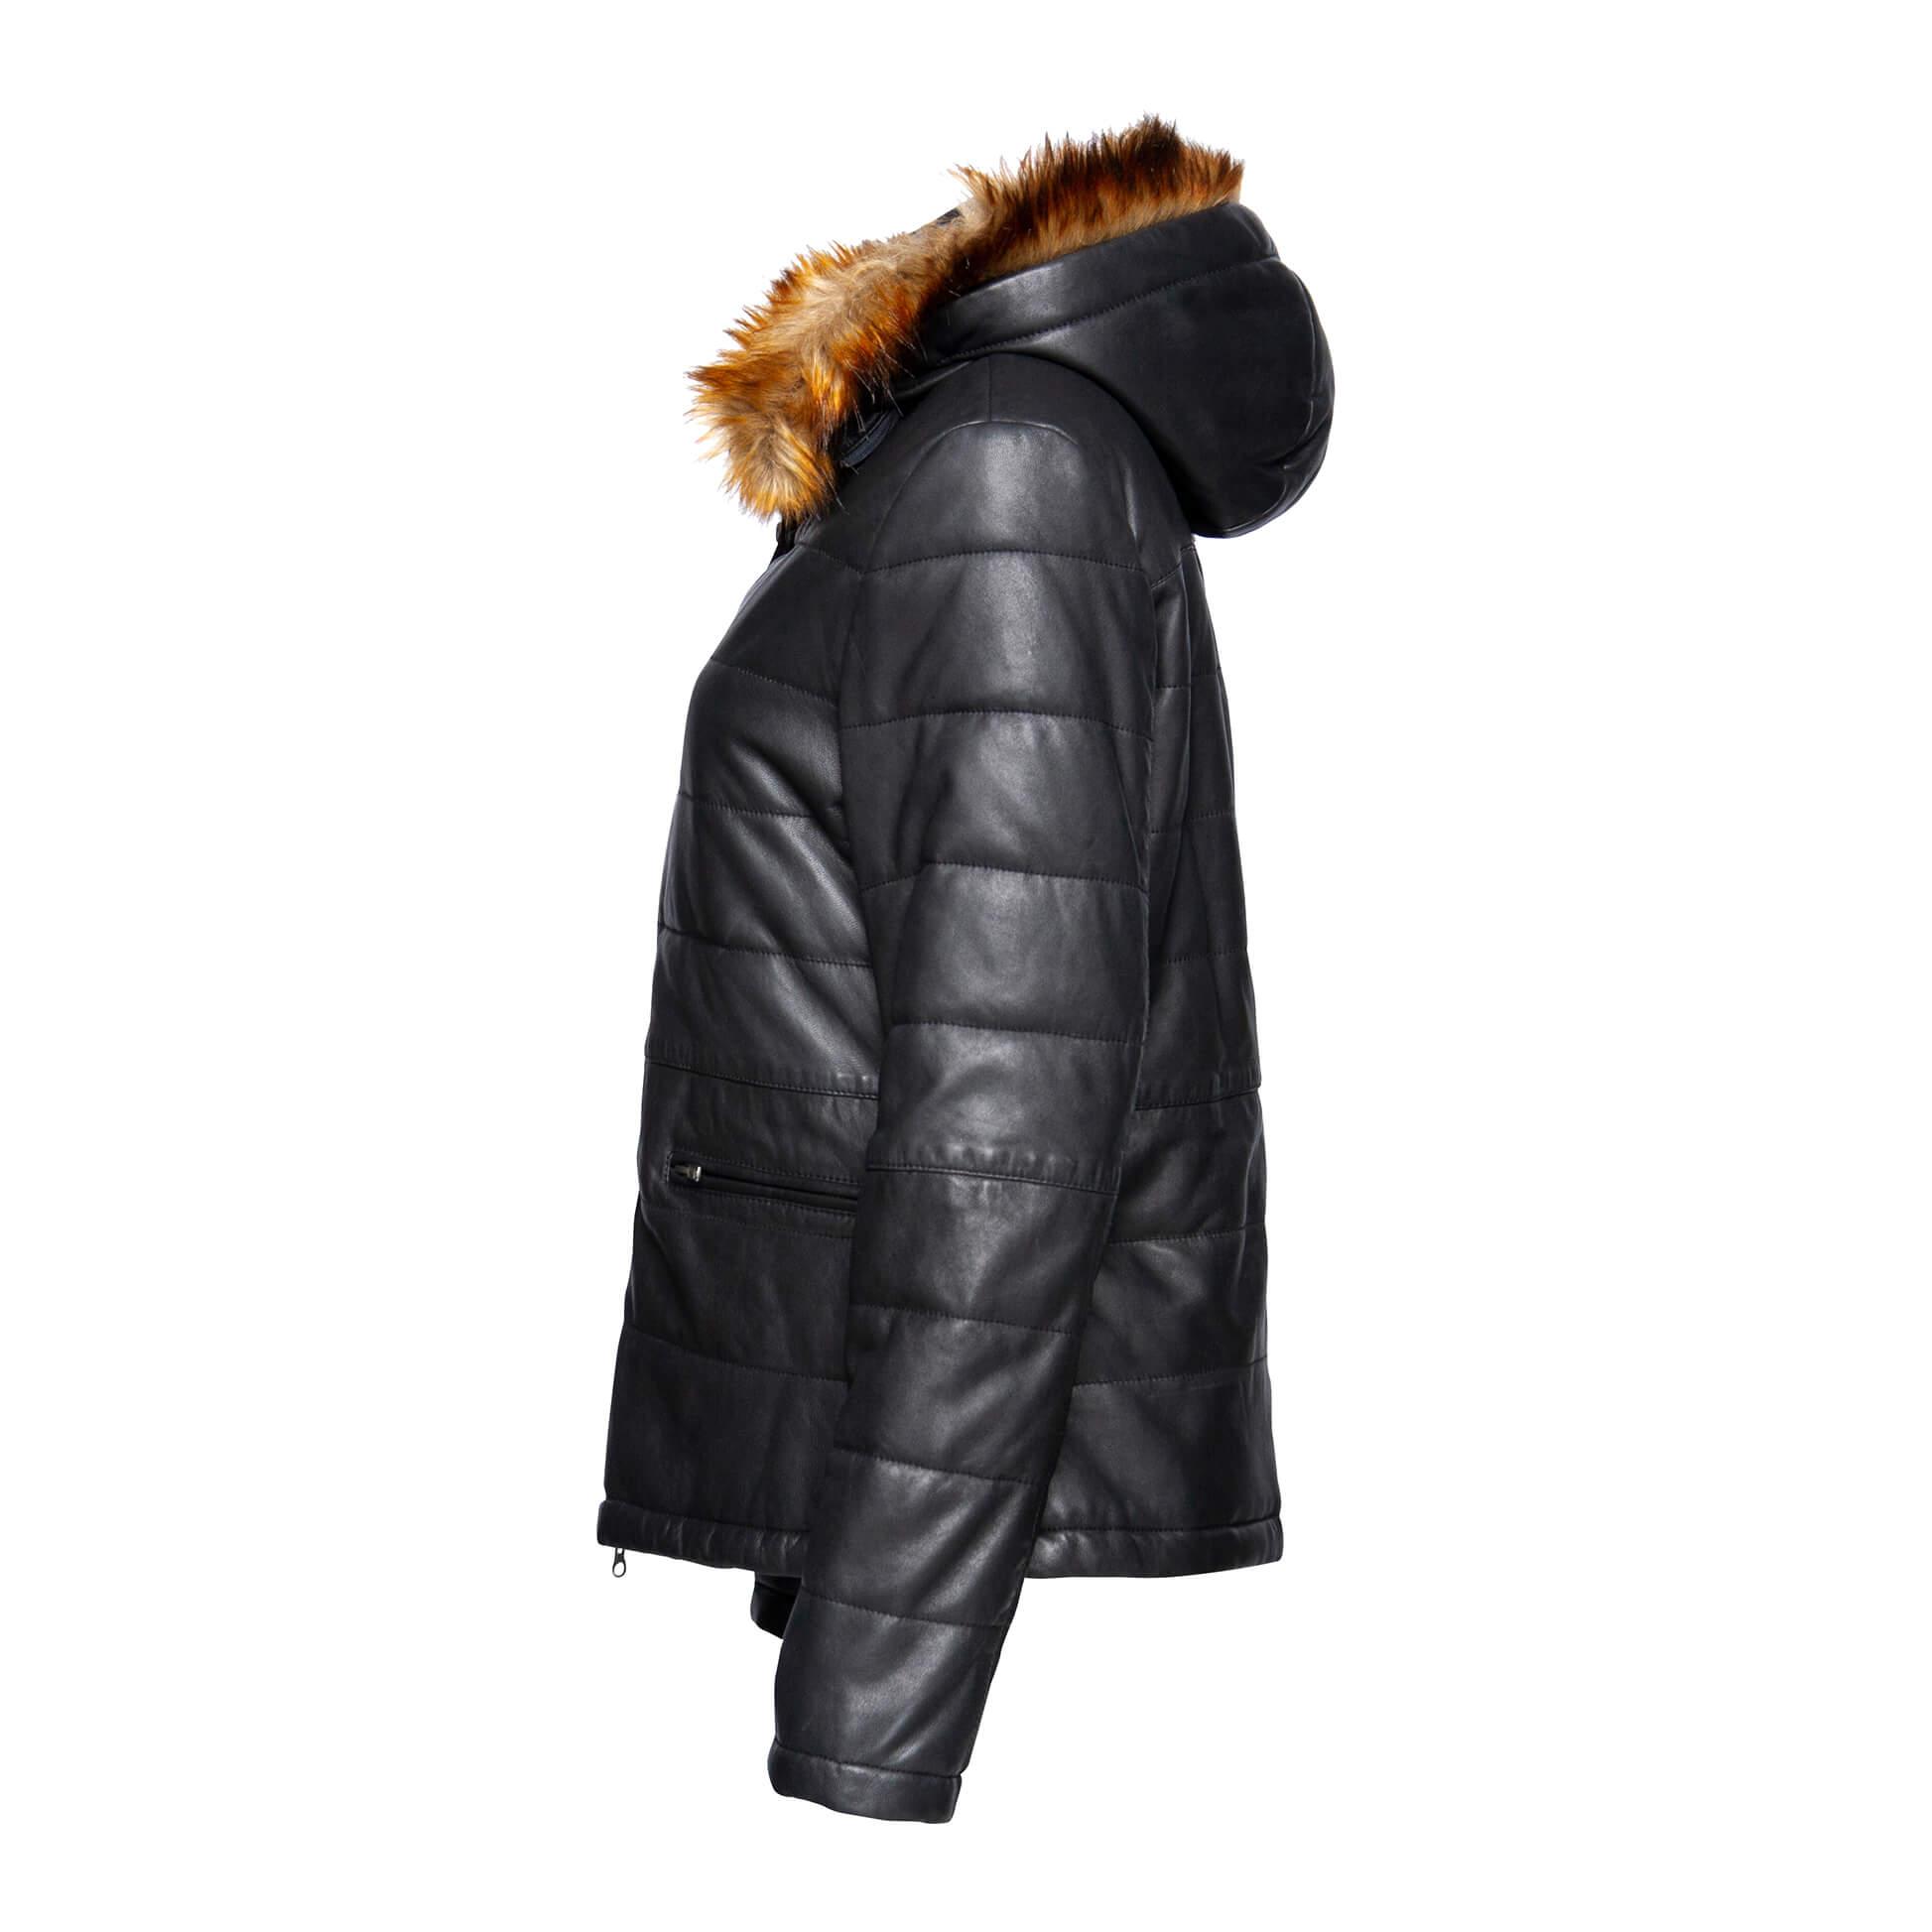 kvinder Modetøj Læder til Jakke med Kvinde Falsk Pels UPgxqT0Hw0